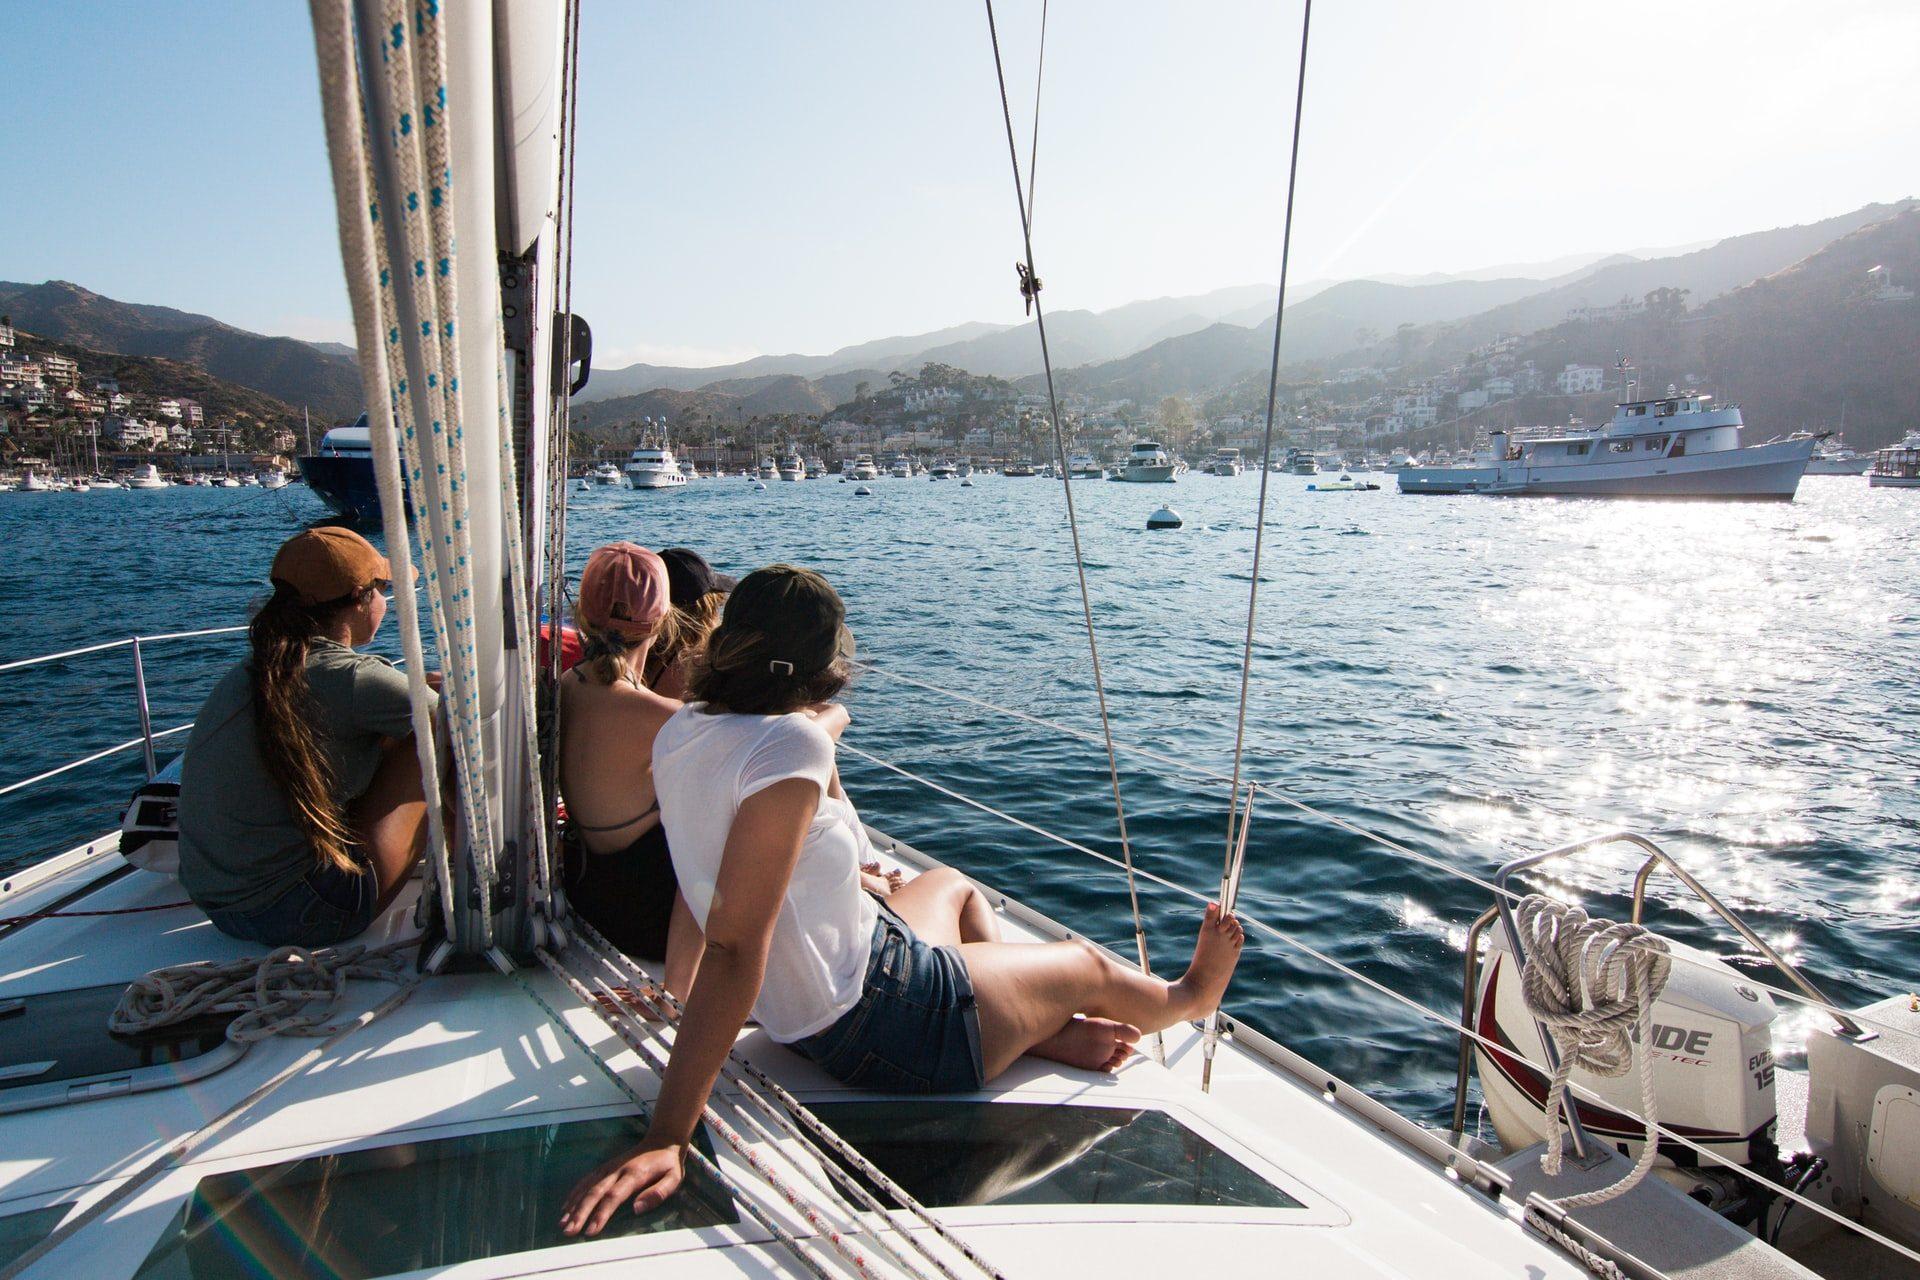 People on a sailboat arriving at Santa Catalina Island